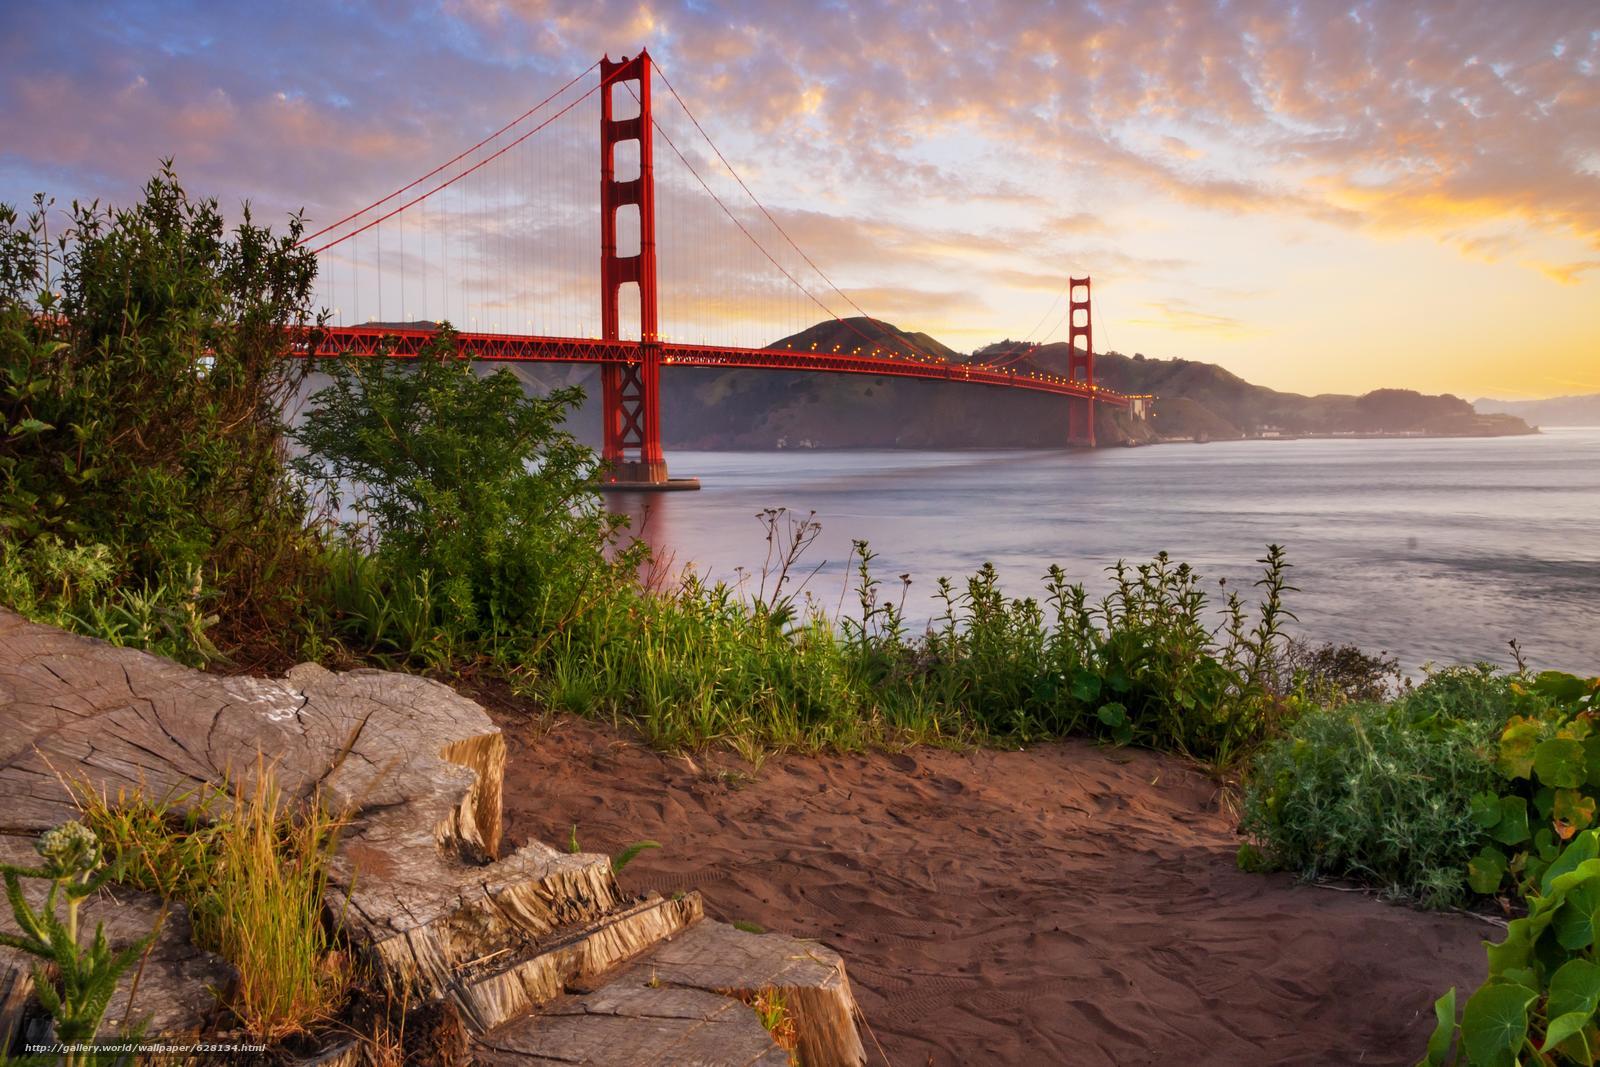 Мост Золотые Ворота, пролив Золотые Ворота, Сан-Франциско